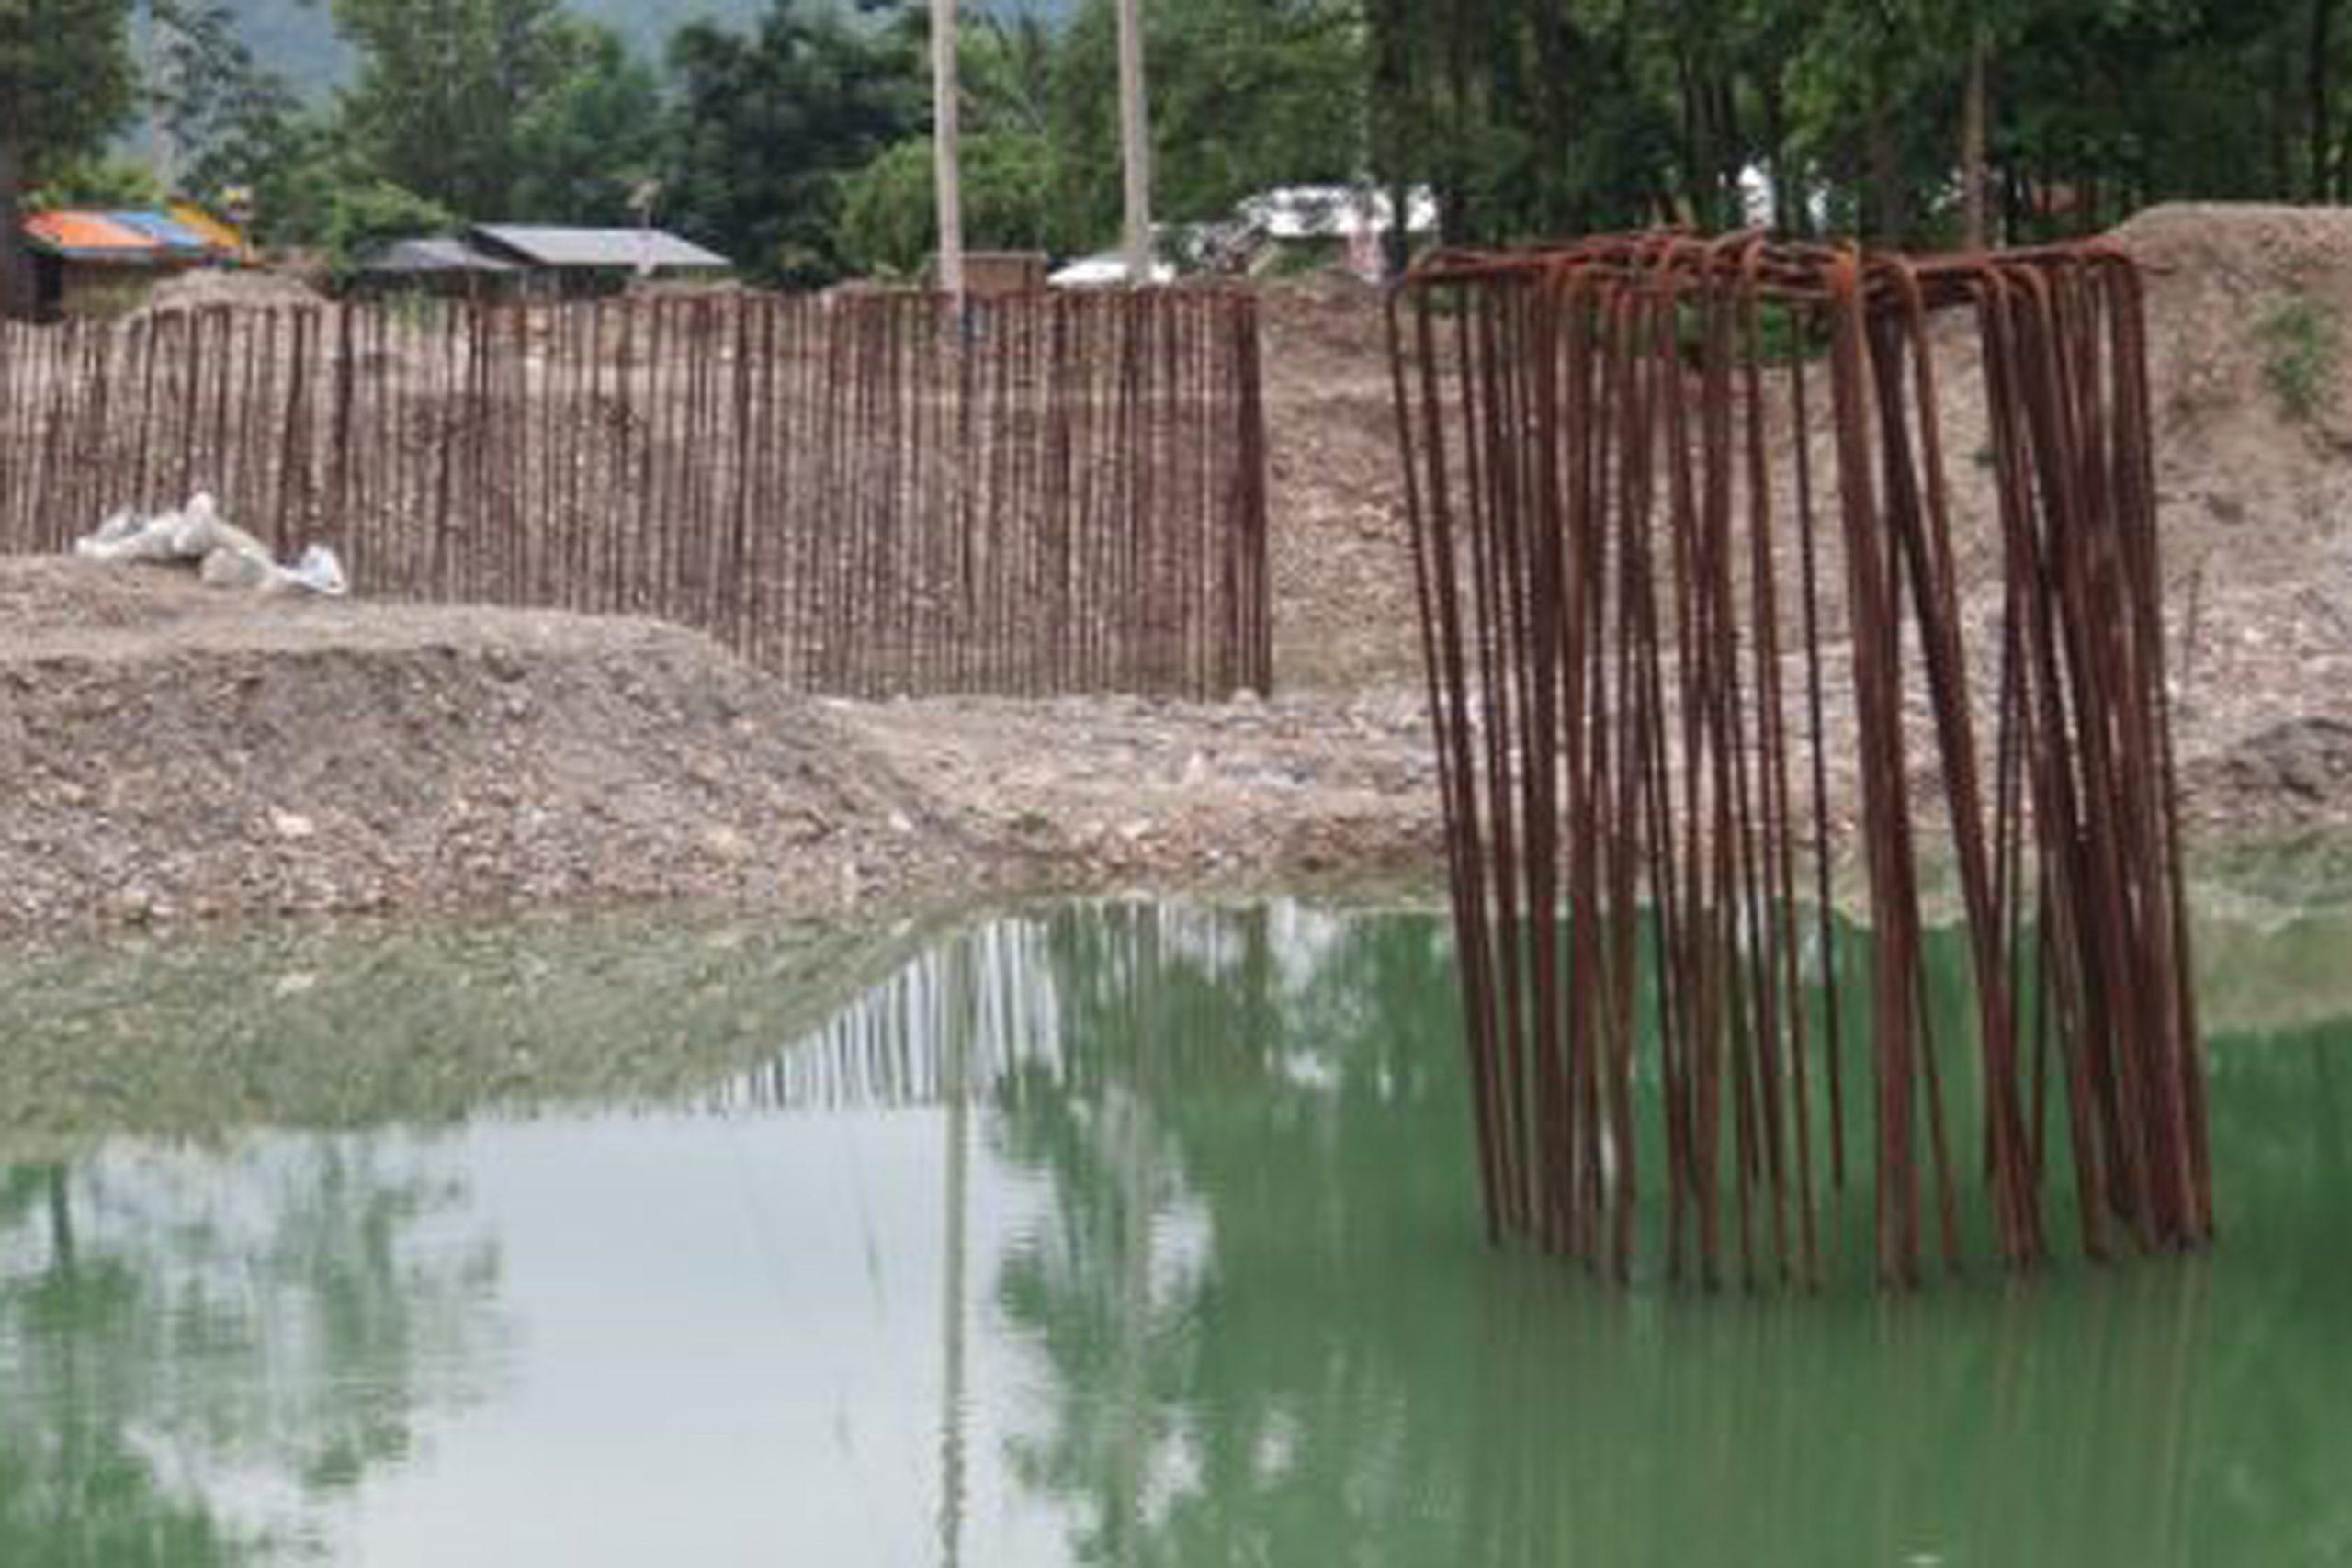 माडीमा बन्दै गरेको १० वटा पुलको निर्माणमा ढिलाइ : स्थानीयलाई सास्ती